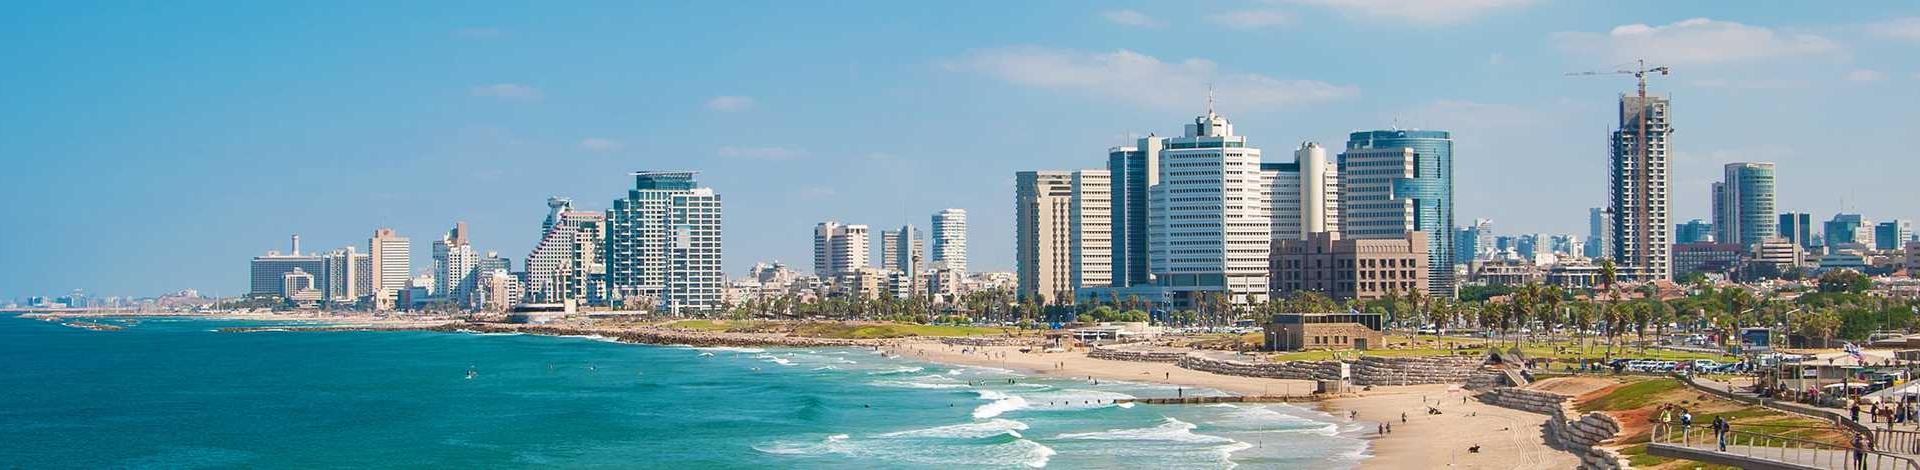 Hadera